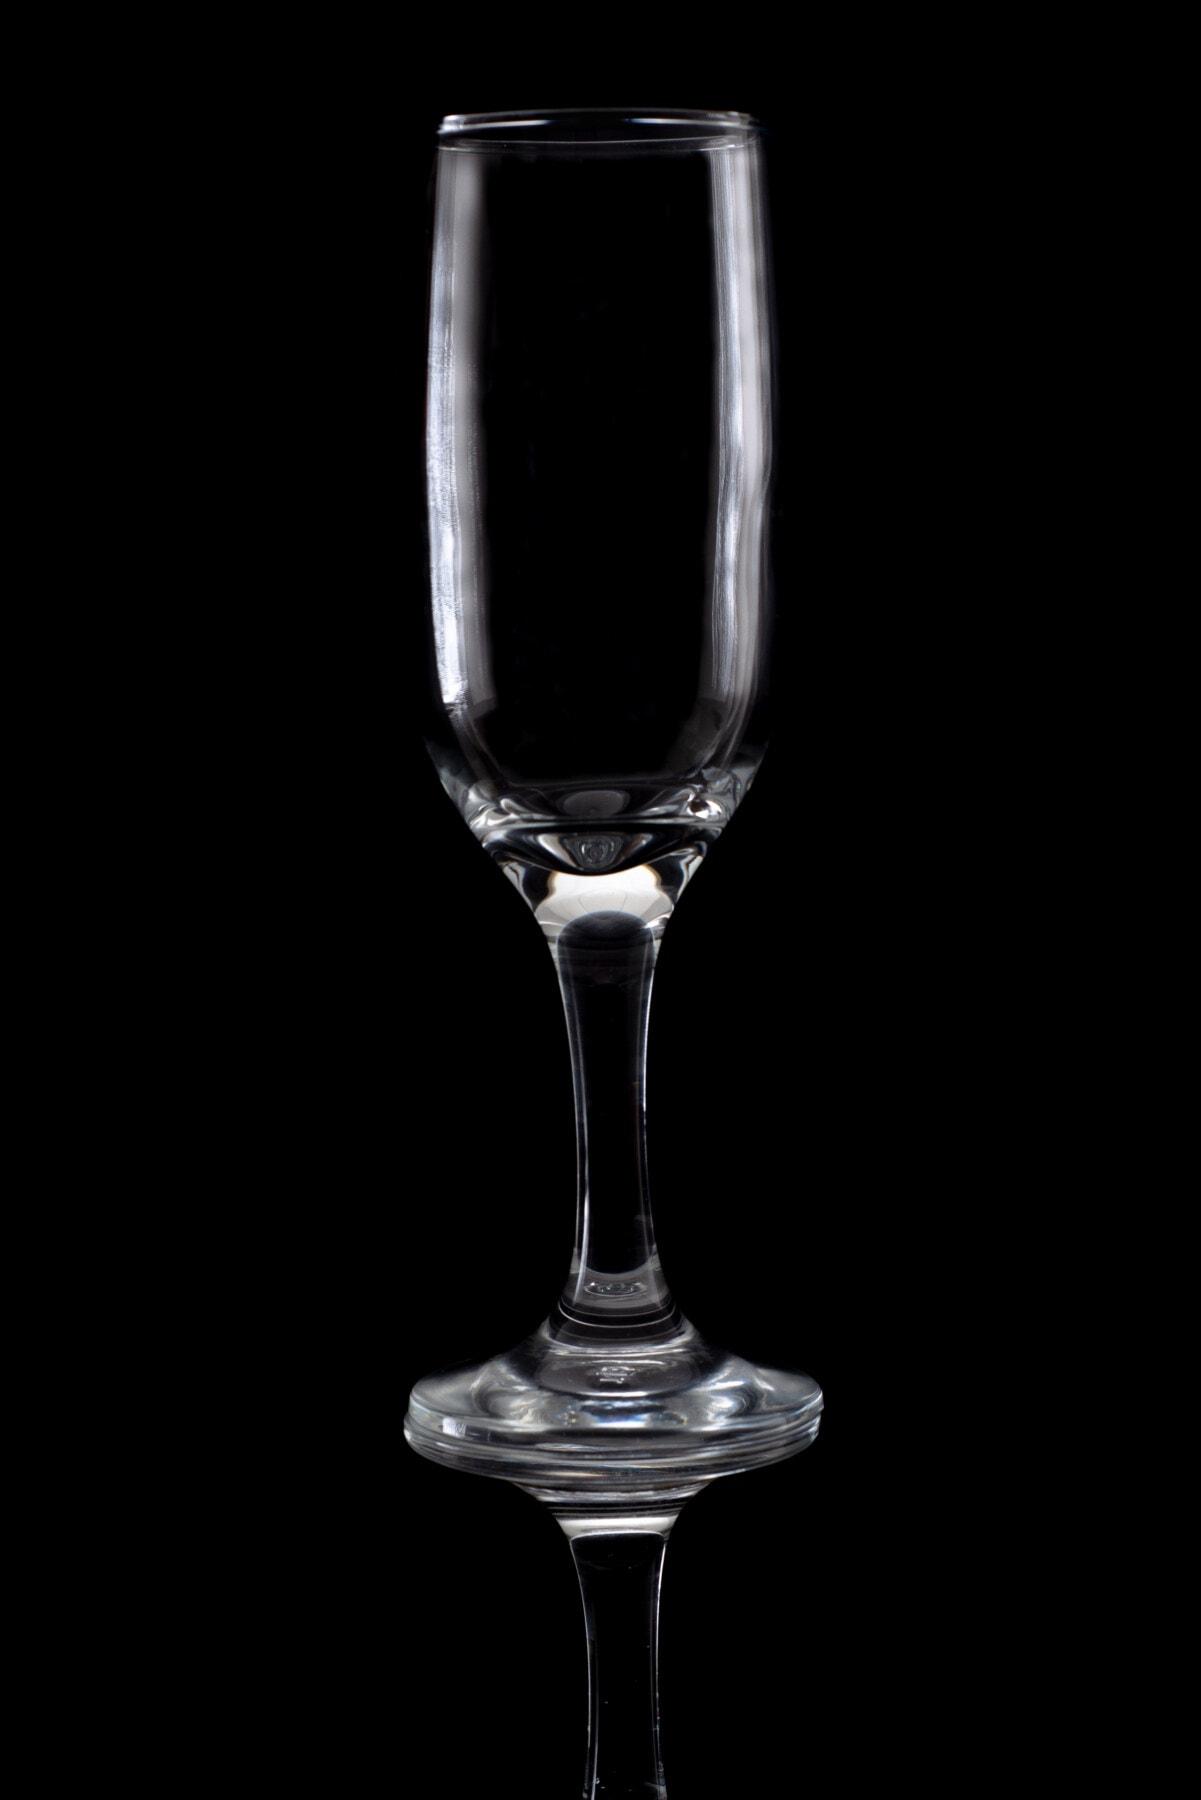 verre, crystal, studio photo, photo, sombre, transparent, réflexion, vide, fermer, élégant